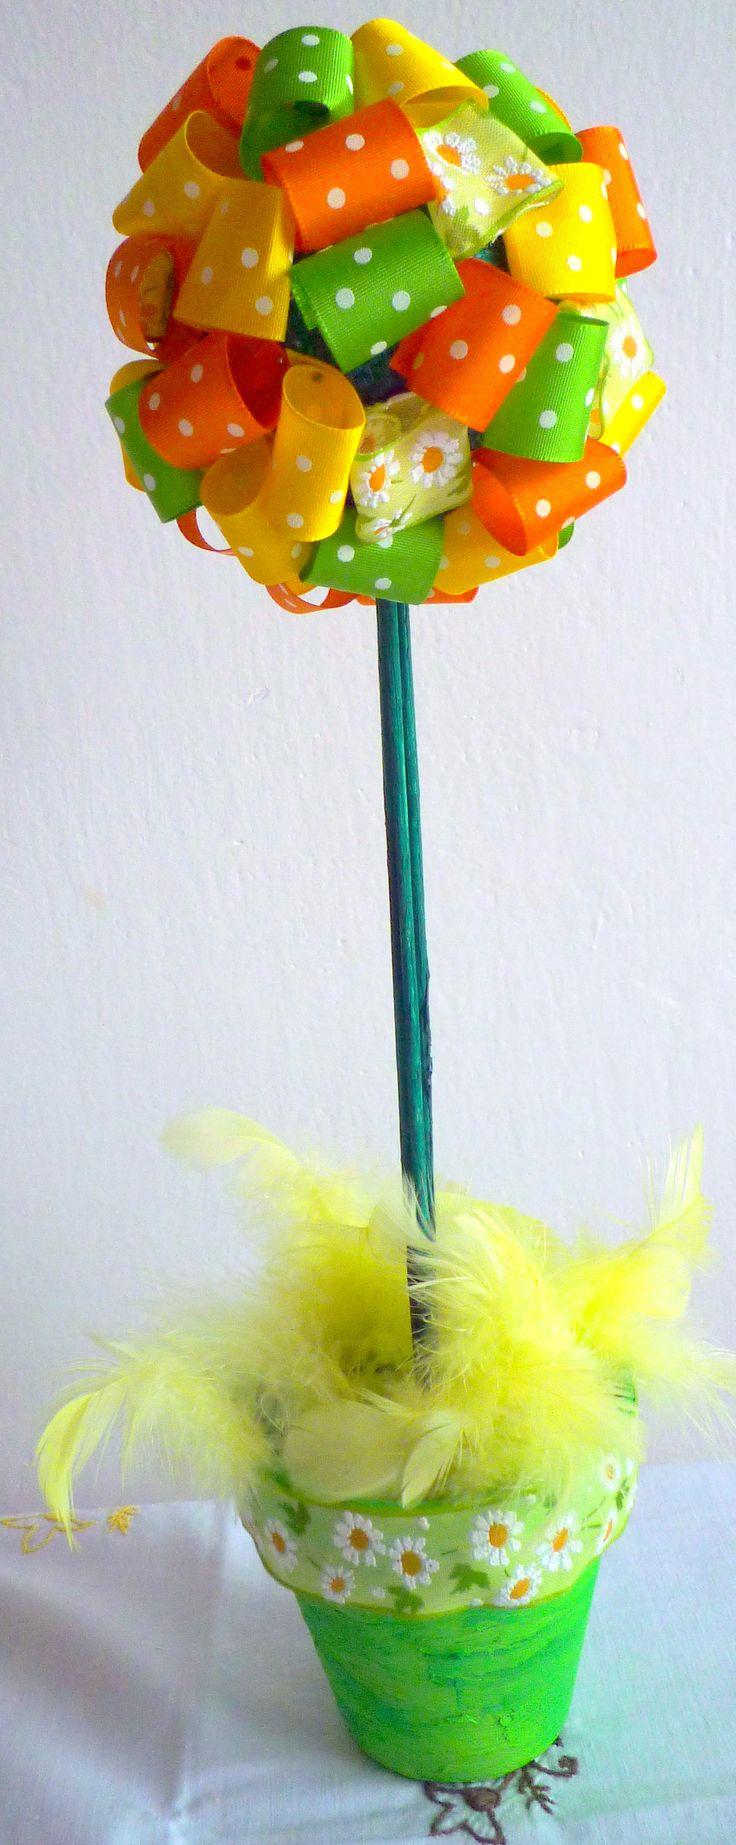 Velikonoční stromeček vyrobený z barevných stuh.